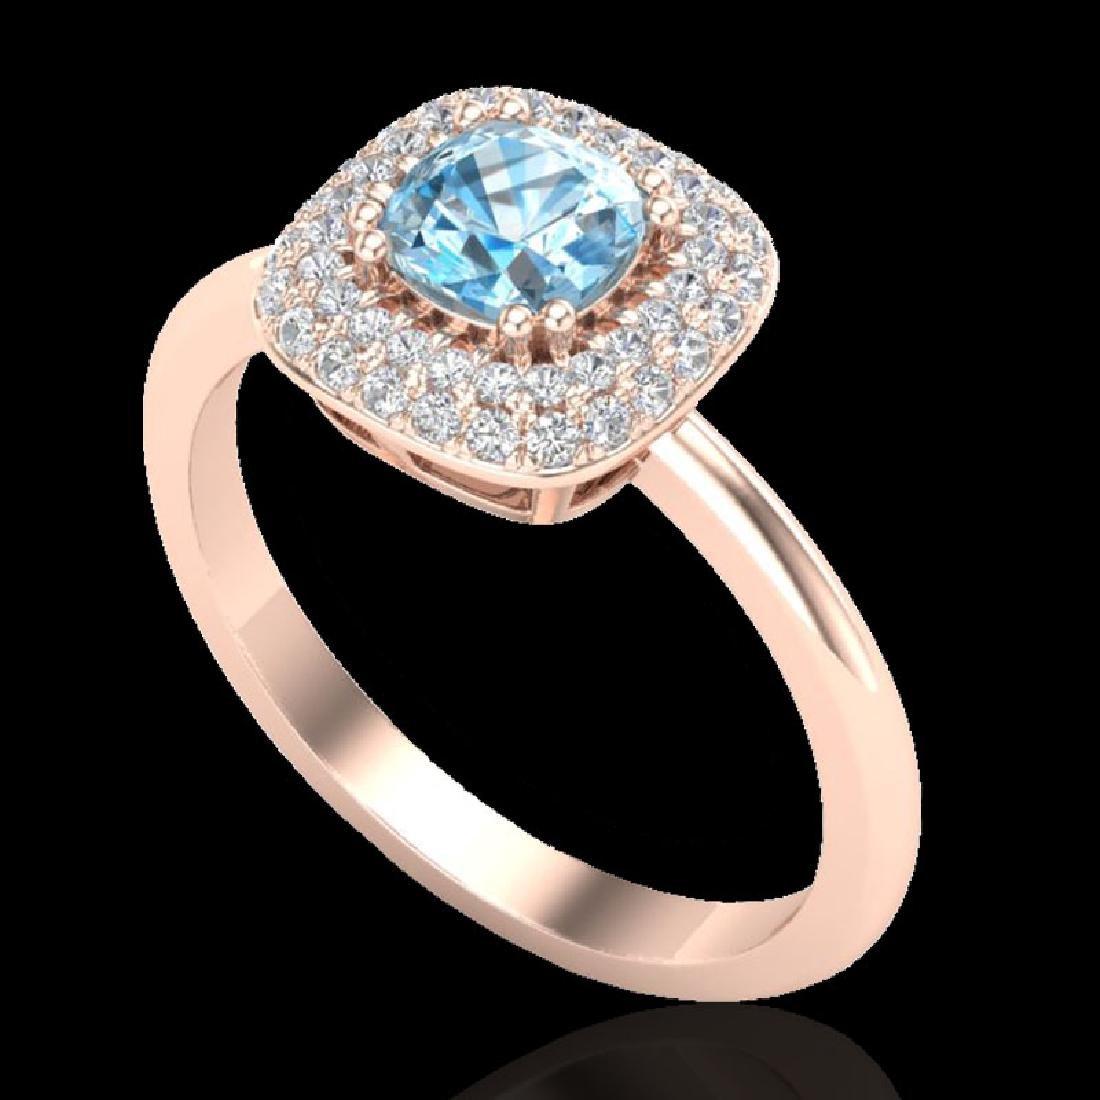 1.16 CTW Sky Blue Topaz & Micro VS/SI Diamond Ring - 2